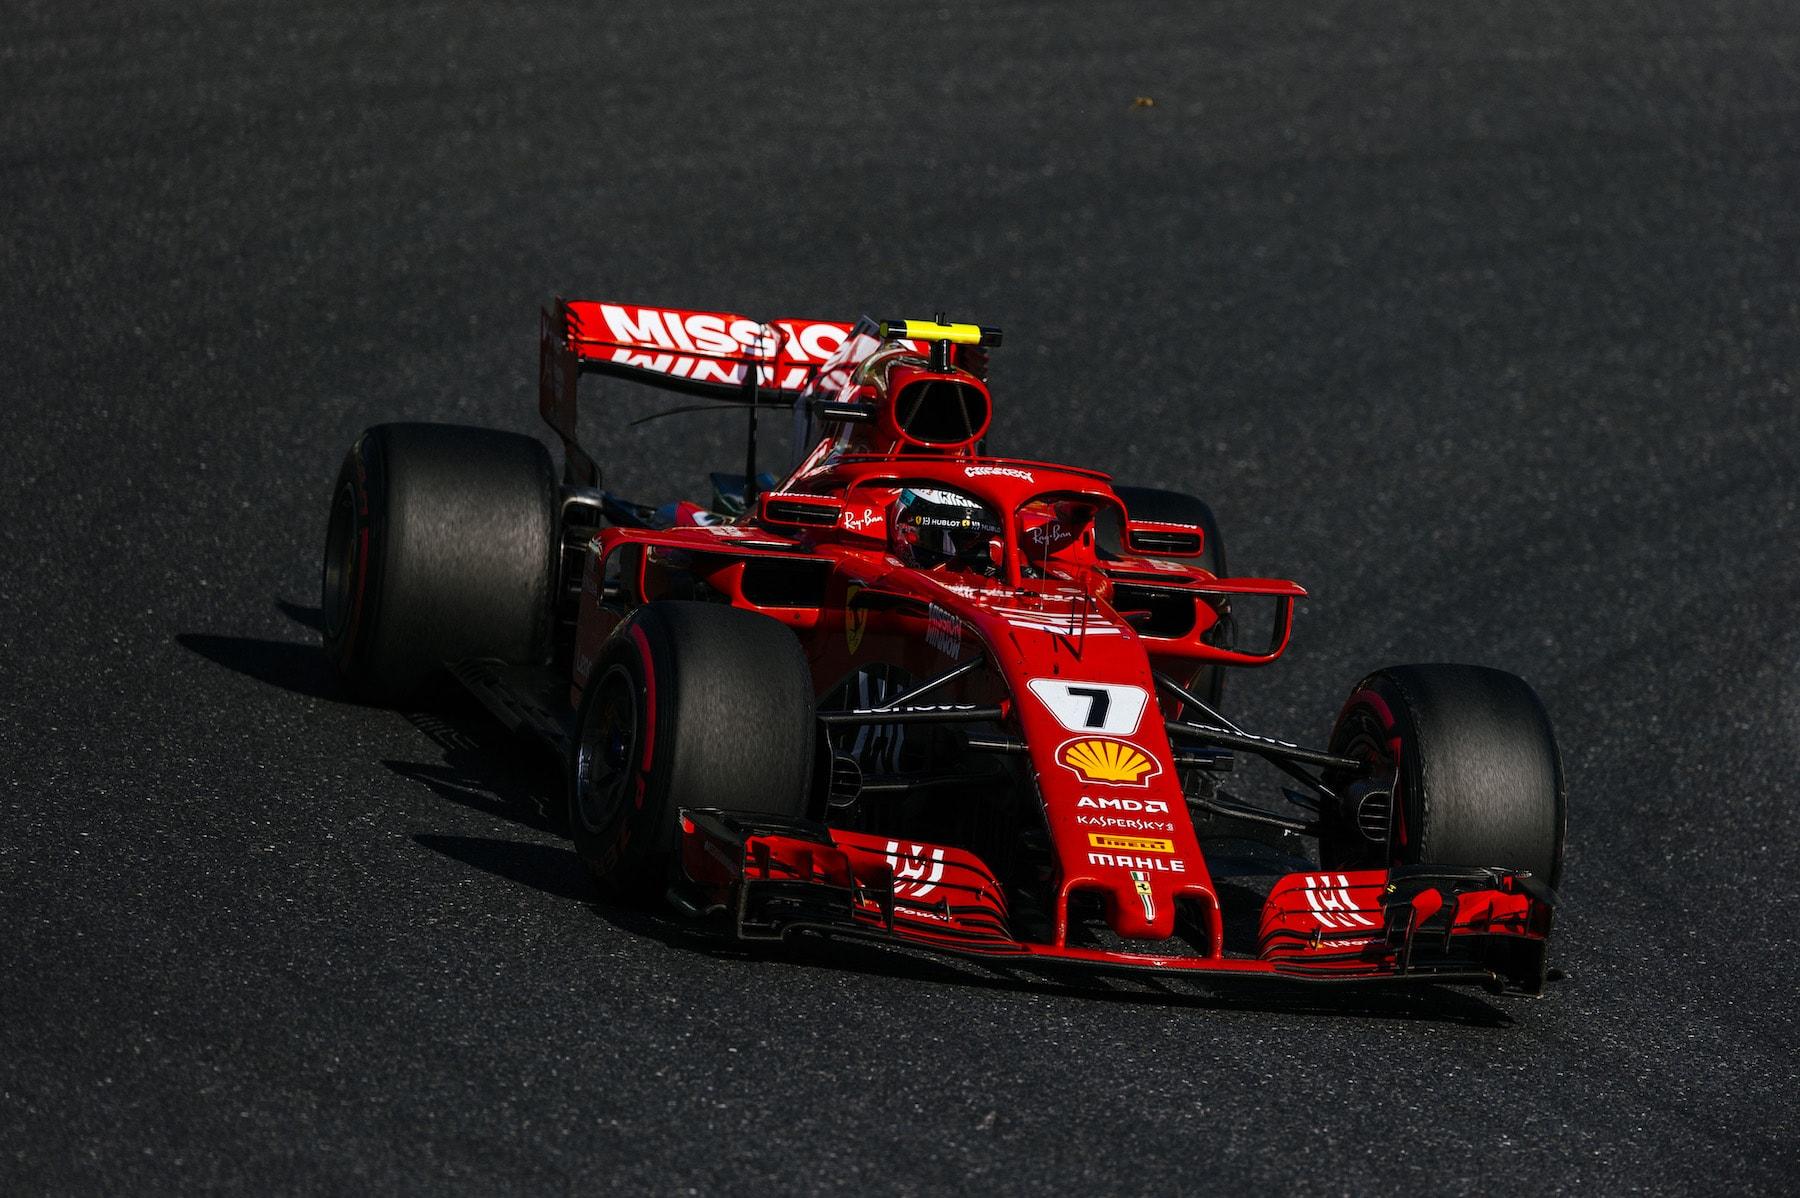 H 2018 Kimi Raikkonen | Ferrari SF71H | 2018 Japanese GP 1 copy.jpg